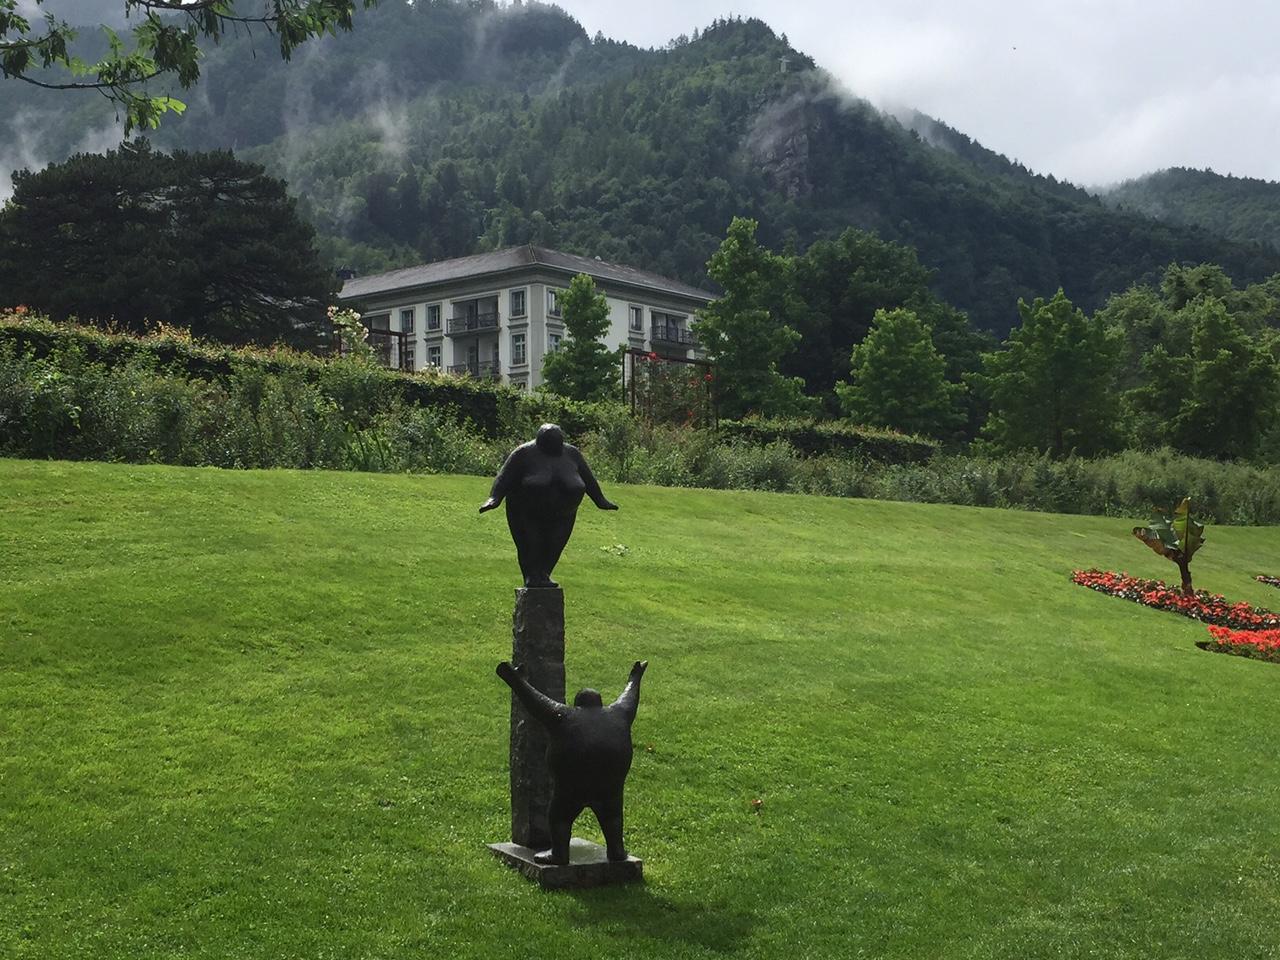 Palestre all'aperto a Firenze con attività gratuite nell'estate 2015